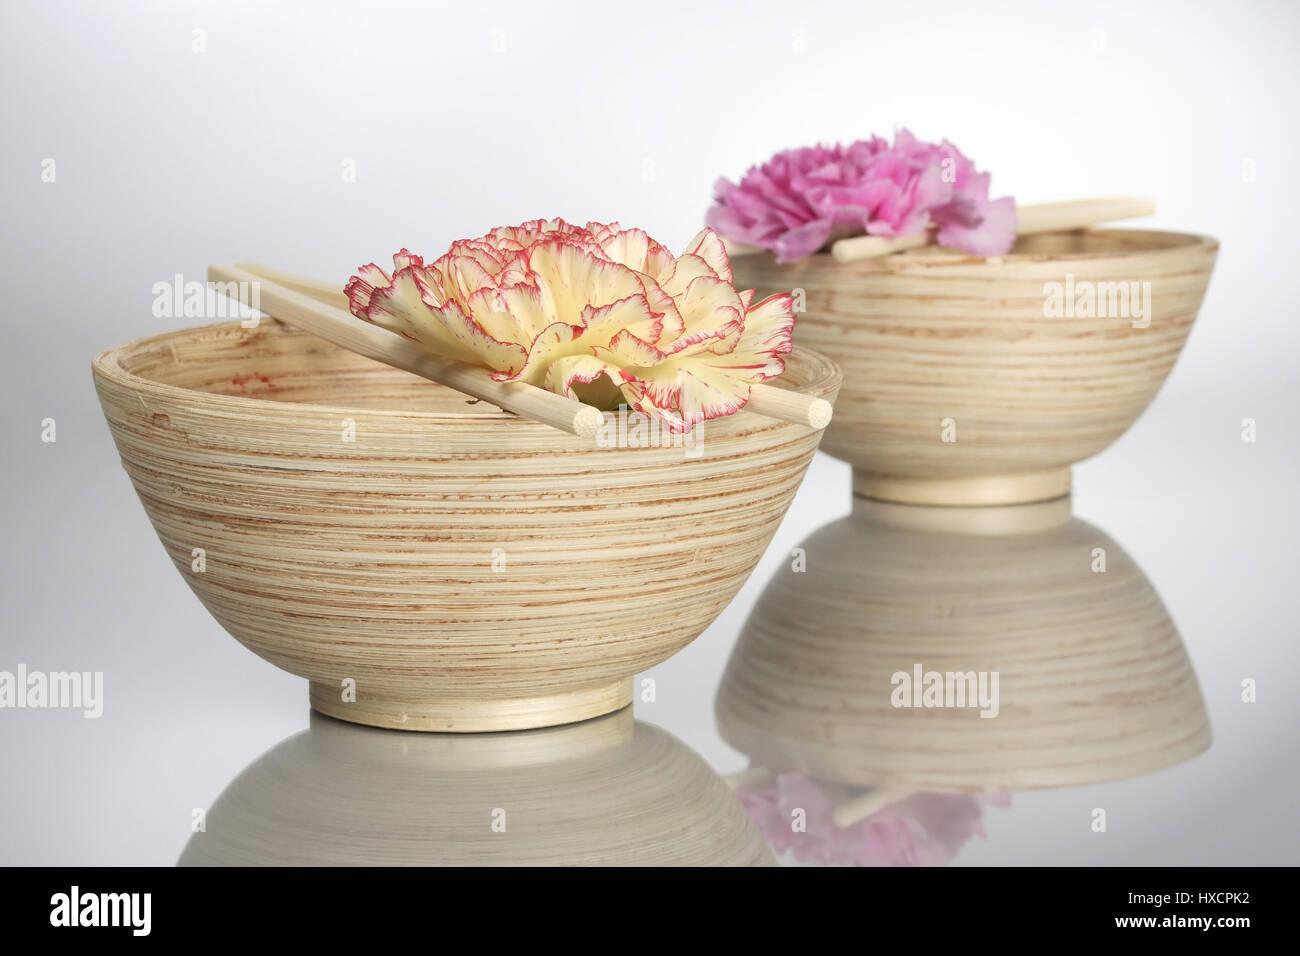 Wooden bowls with rod and carnation blossoms, Holzschalen mit Staebchen und Nelkenblueten Stock Photo